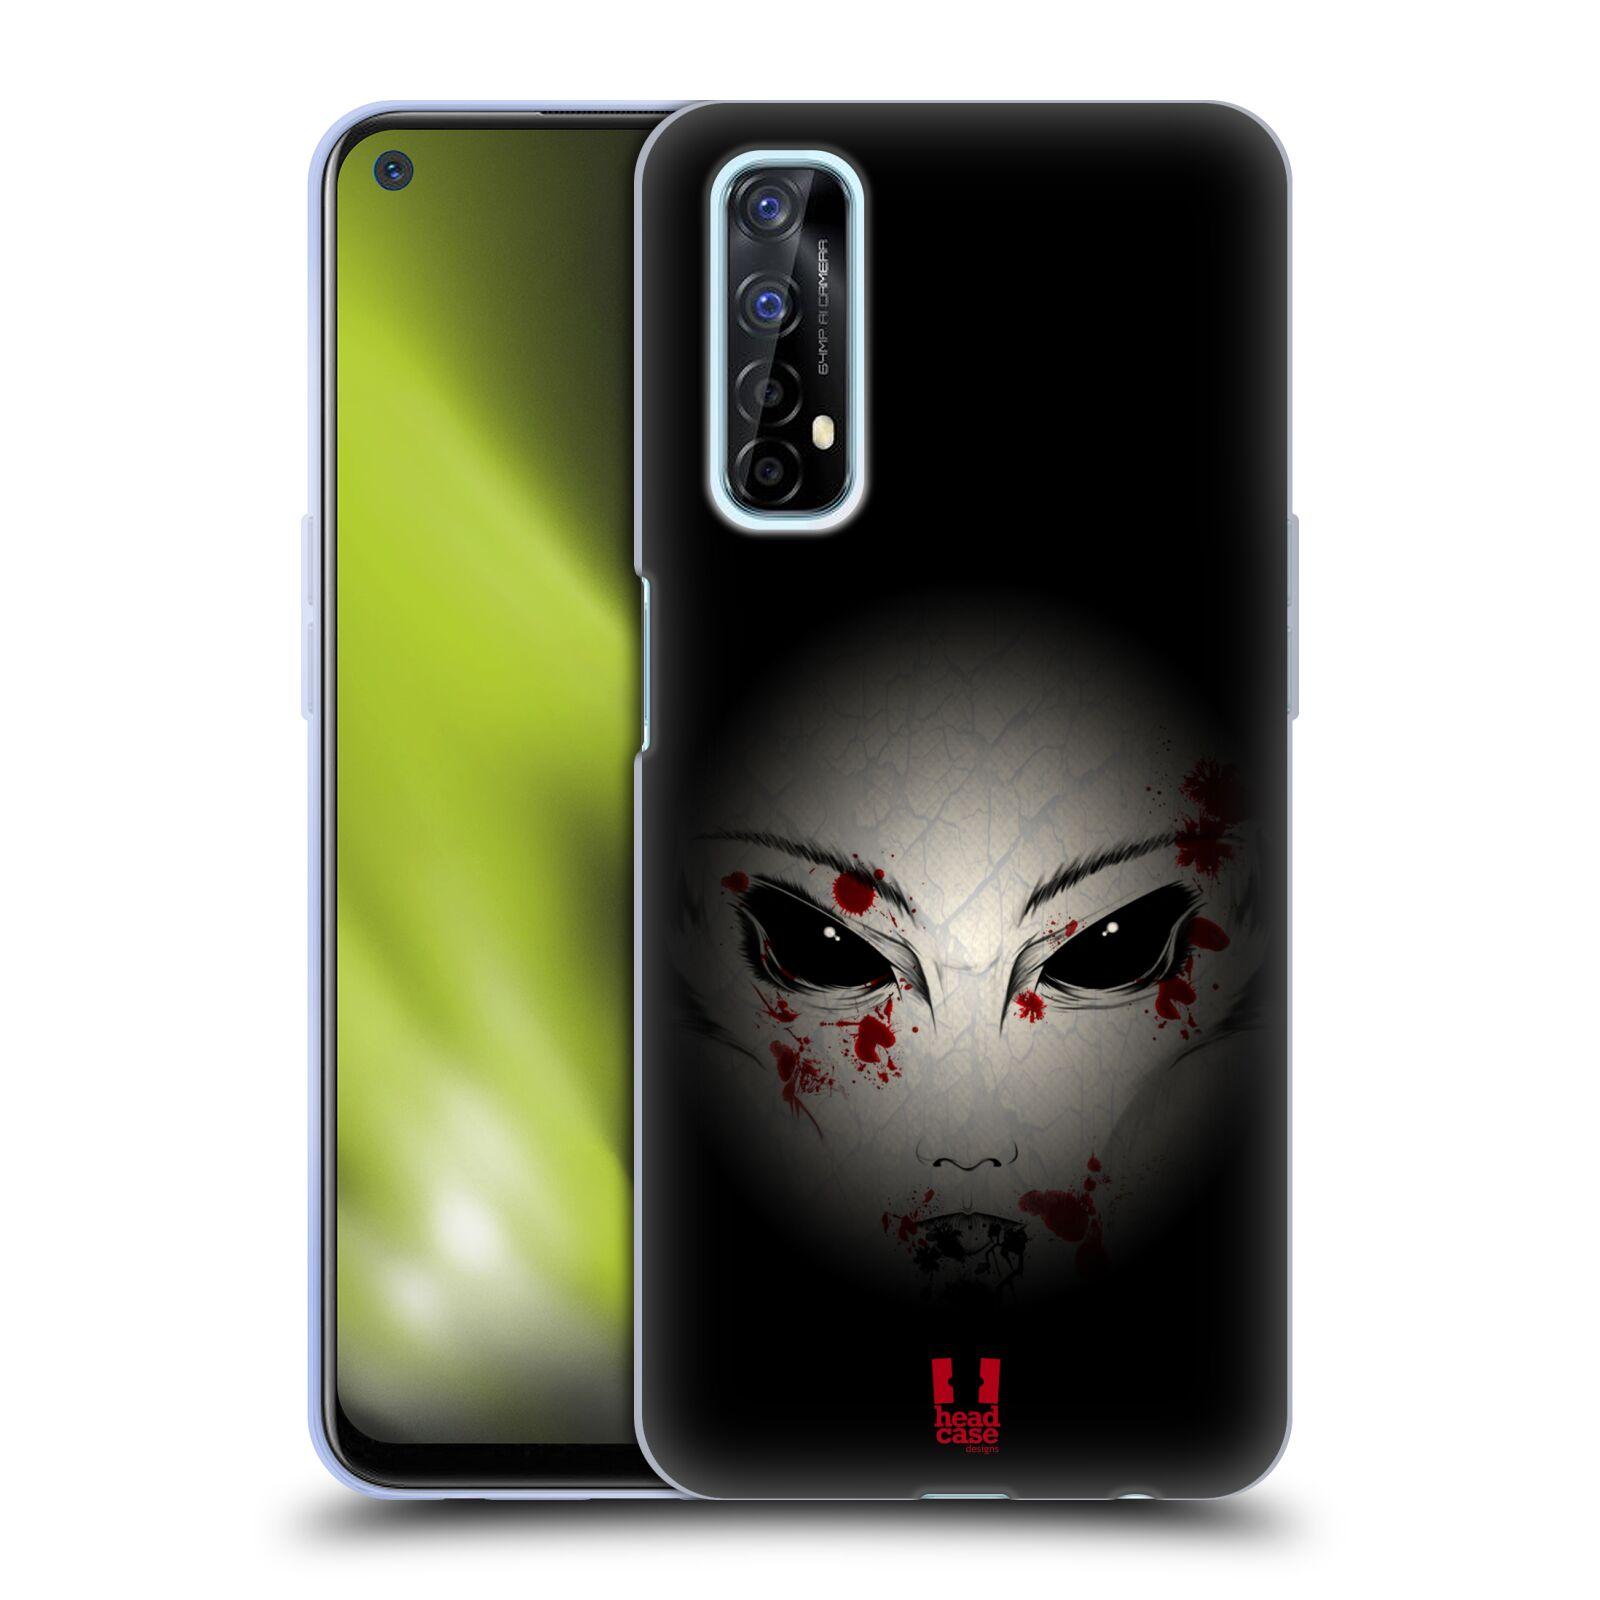 Silikonové pouzdro na mobil Realme 7 - Head Case - Macabre